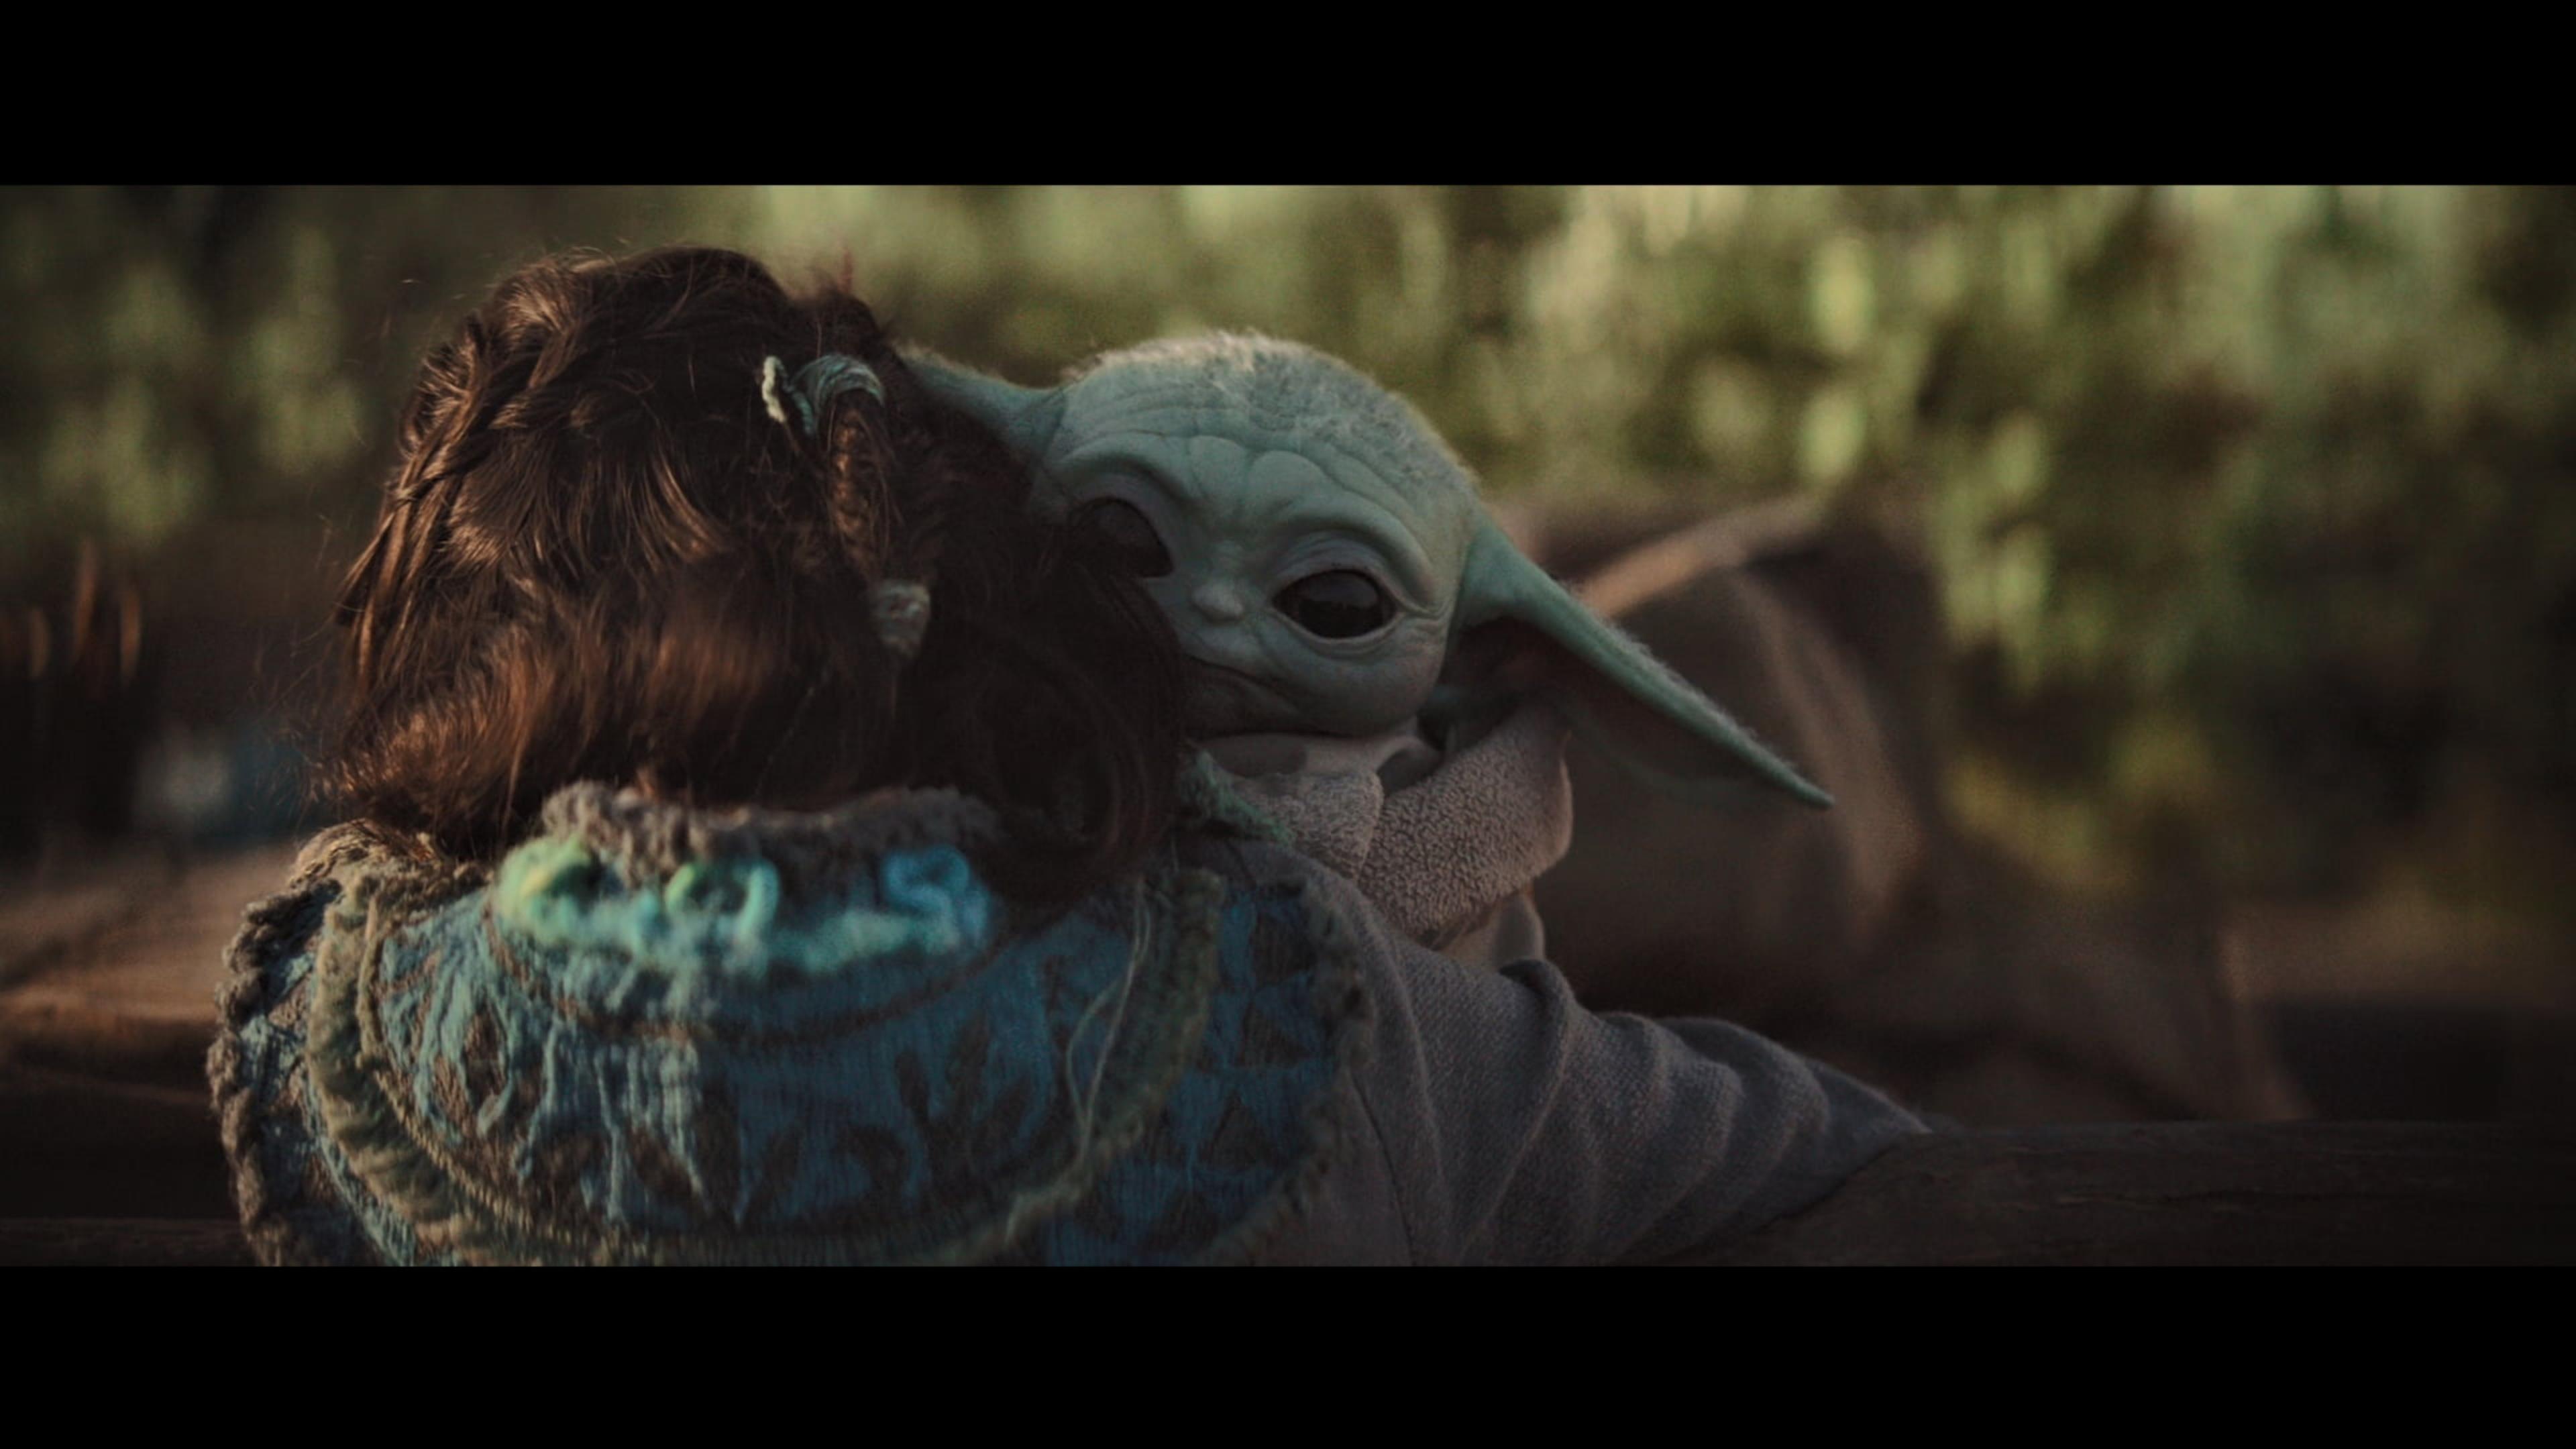 Звездные войны йода ребенка цифровое искусство обои скачать